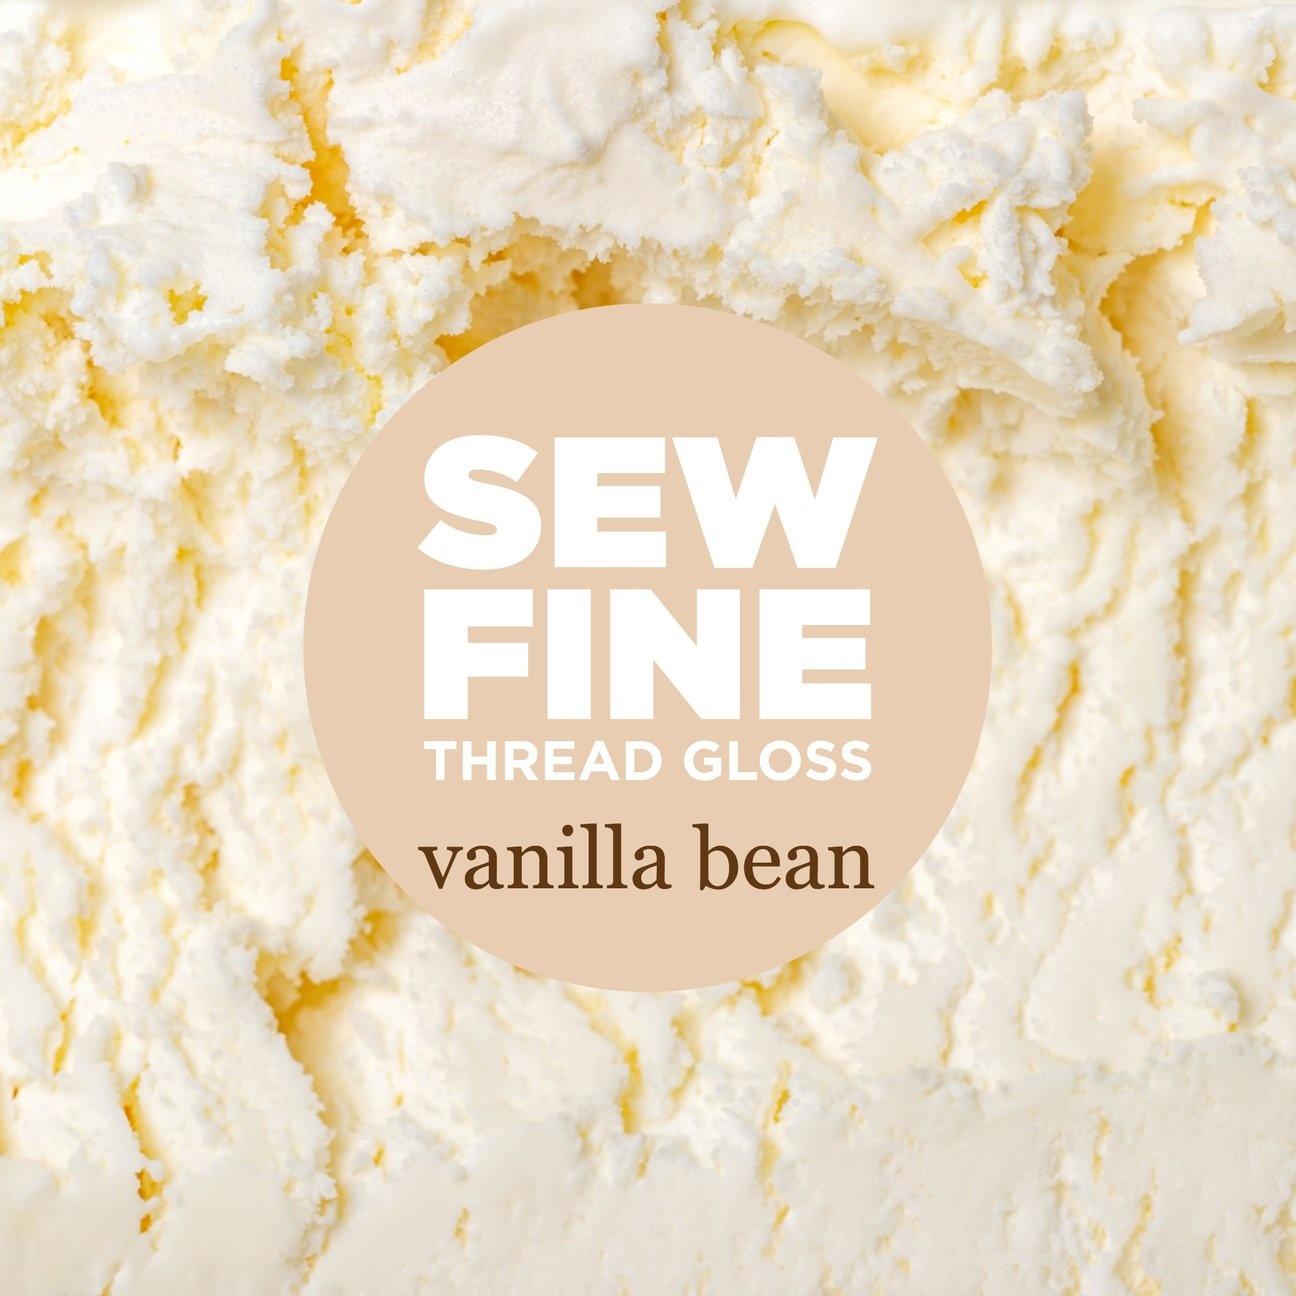 Sew Fine Thread Gloss : Vanilla Bean